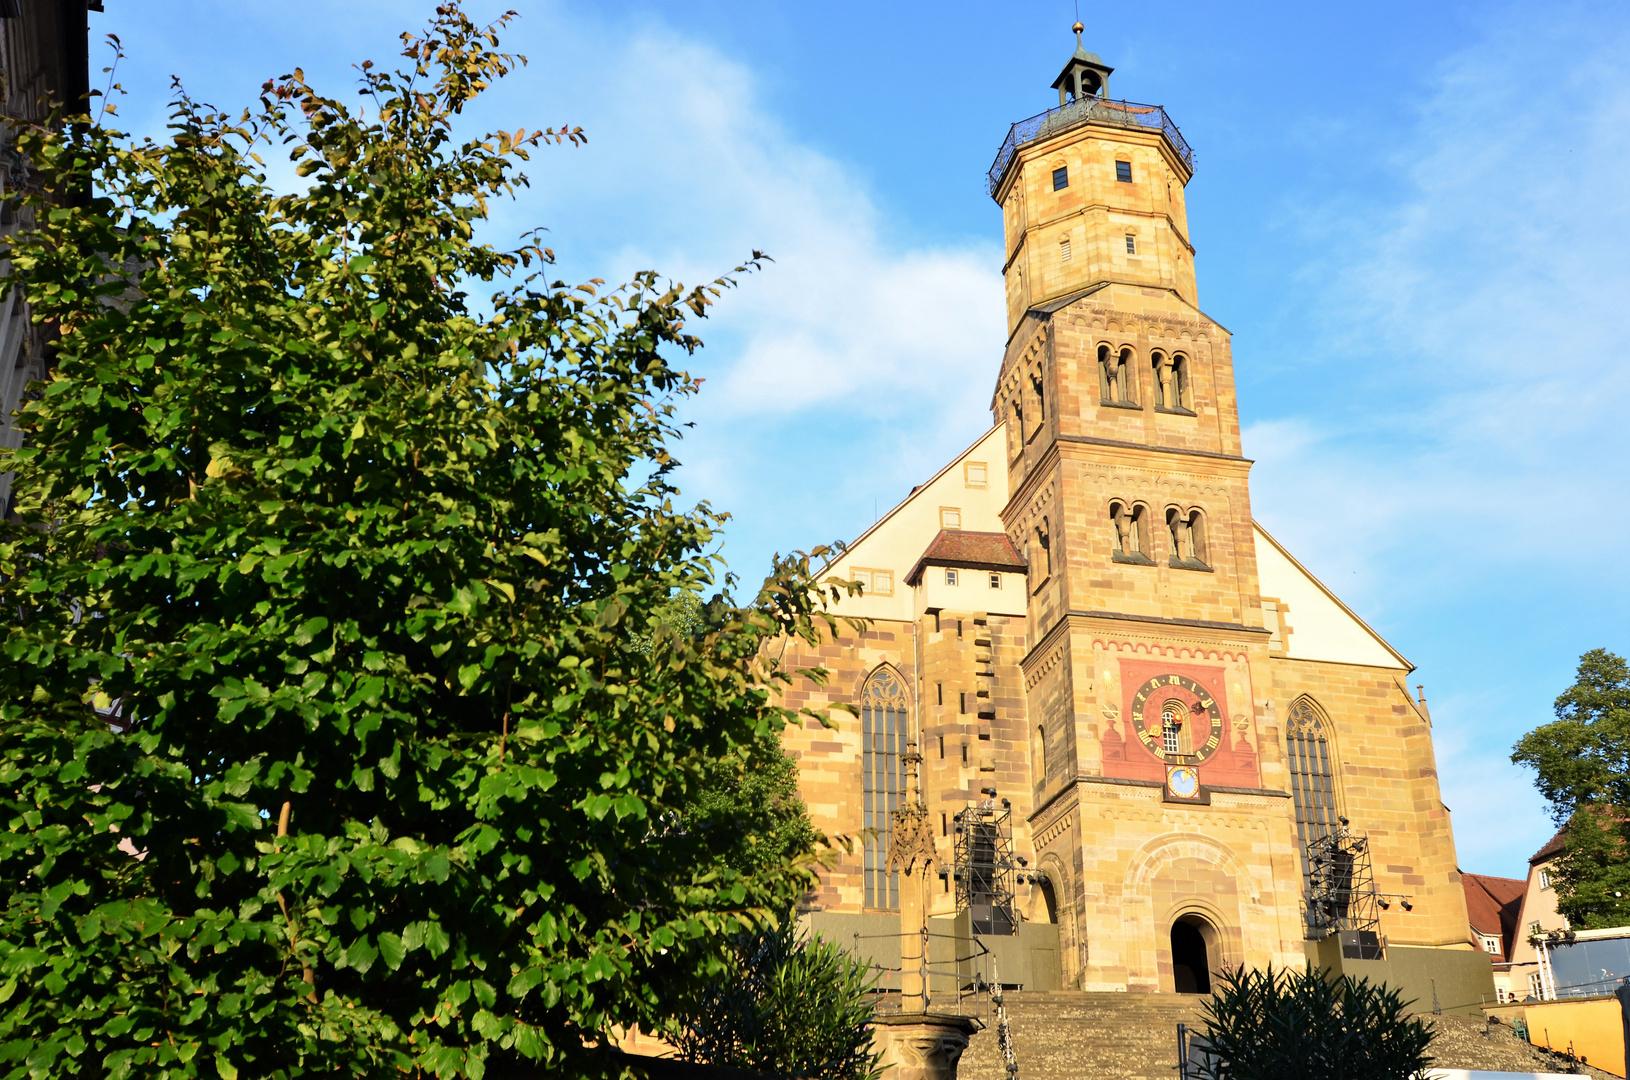 St. Michaels Kirche, Schwäbisch Hall Foto & Bild | architektur ...